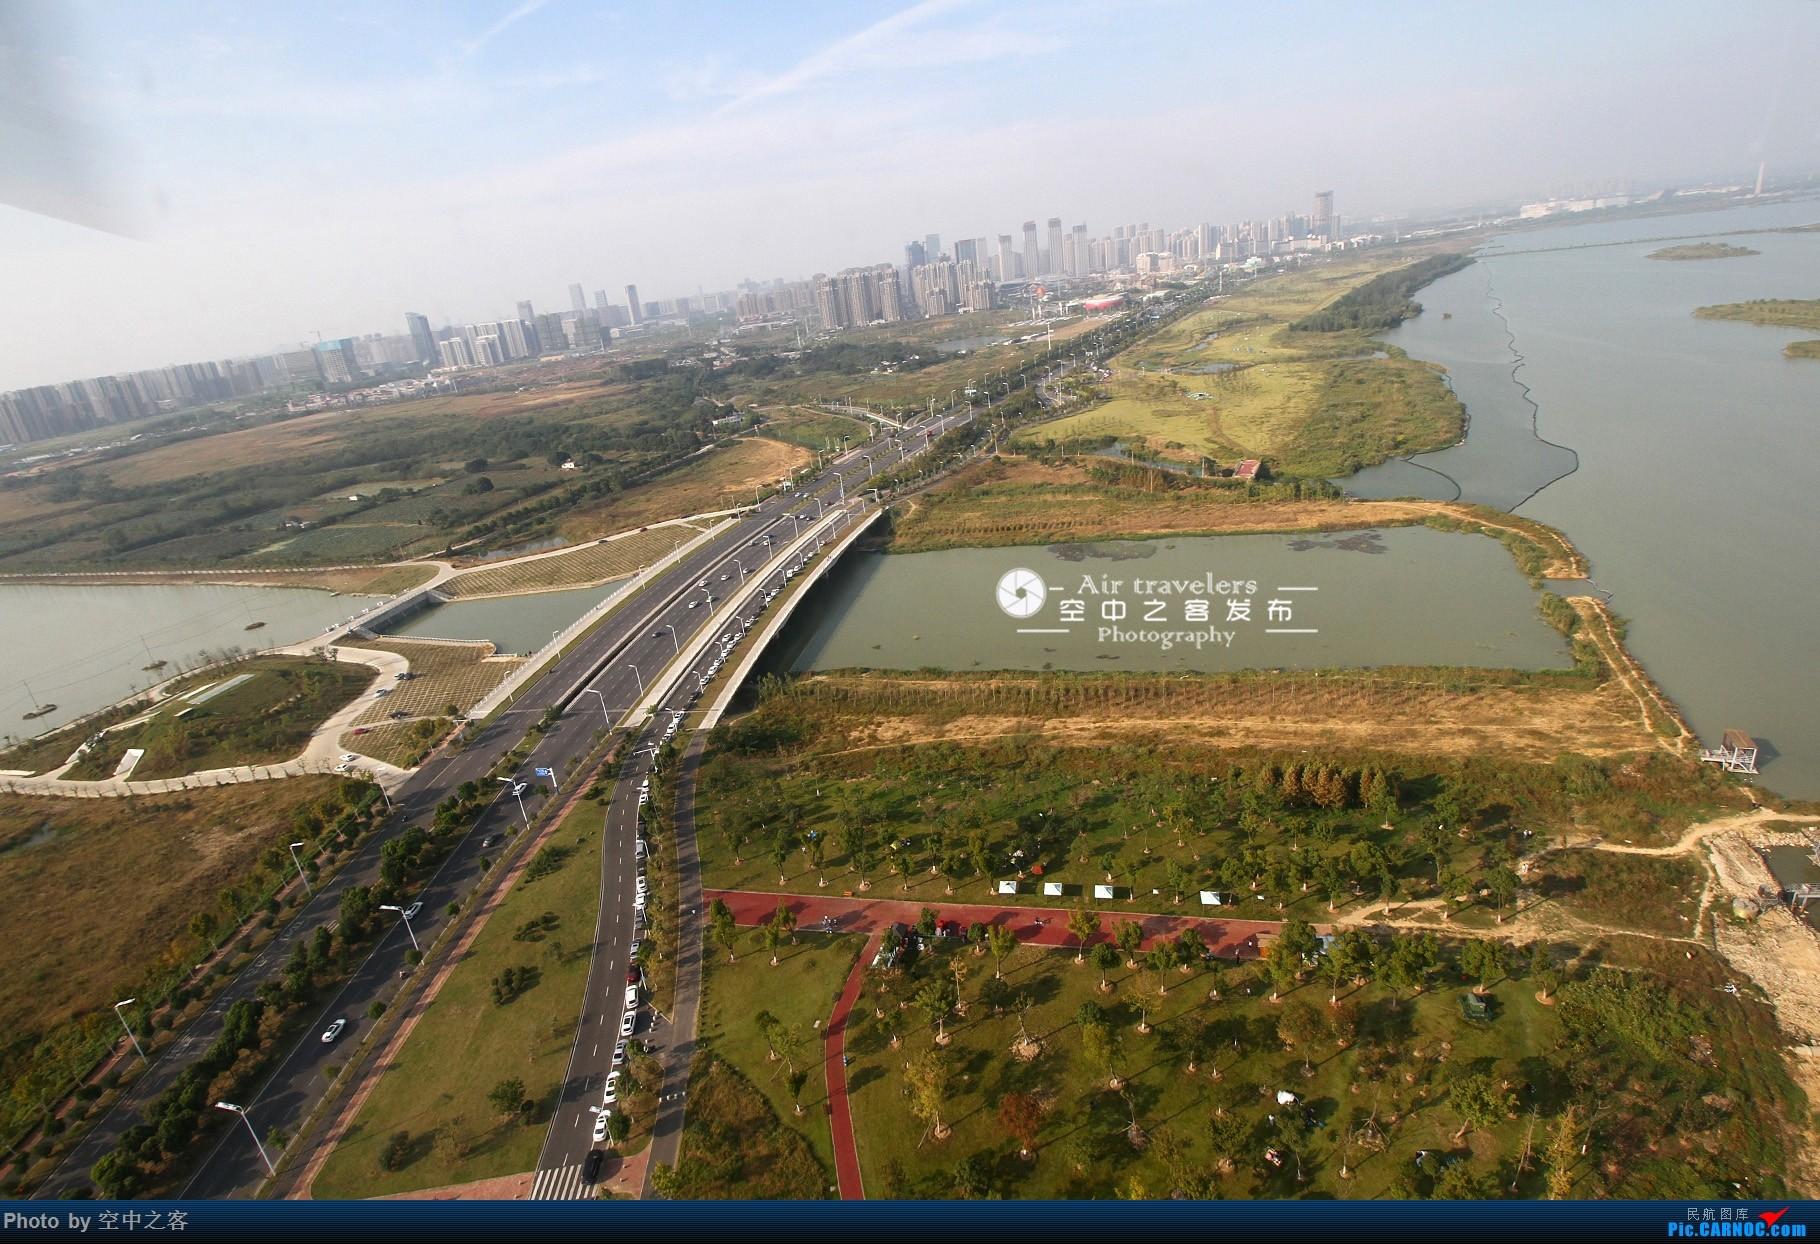 Re:[原创][空中之客发布]与aiolia7456大佬体验顶宏通航R-44滨湖之旅